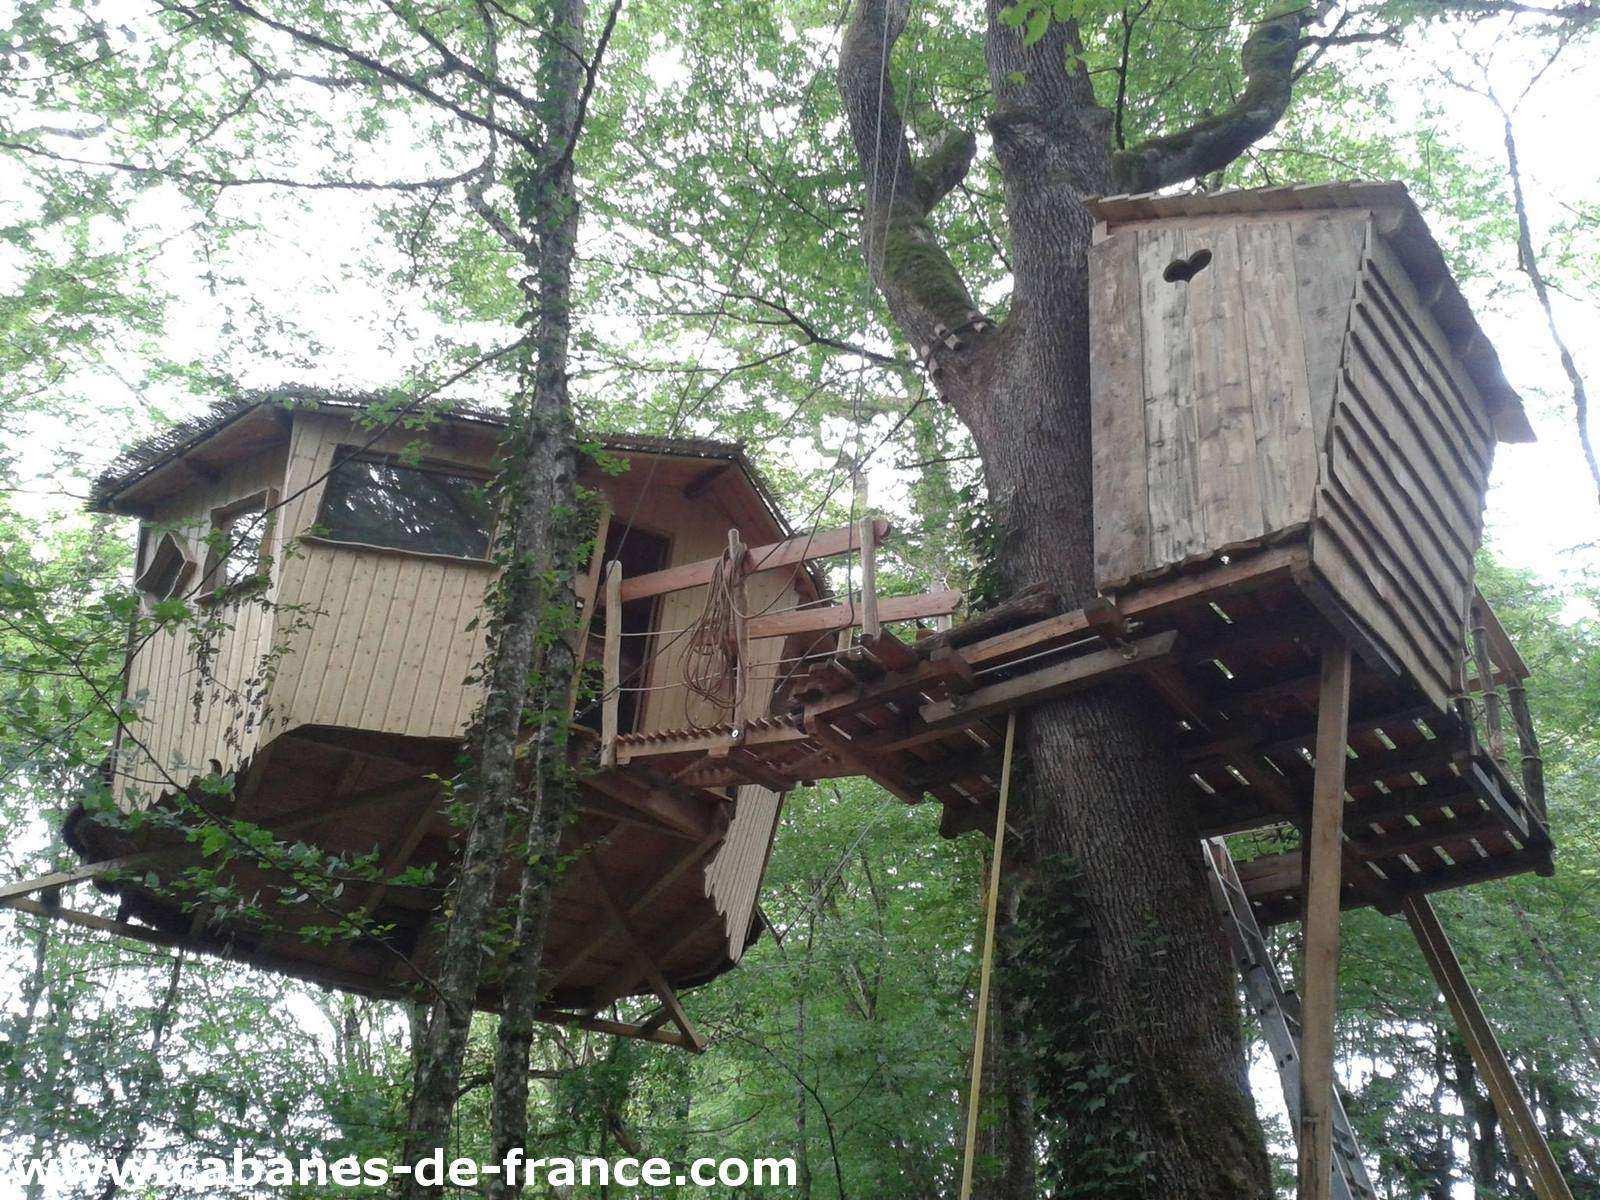 Cabane eole les cabanes du bois clair cabane dans les arbres en franche comt cabanes de for Construction bois en franche comte